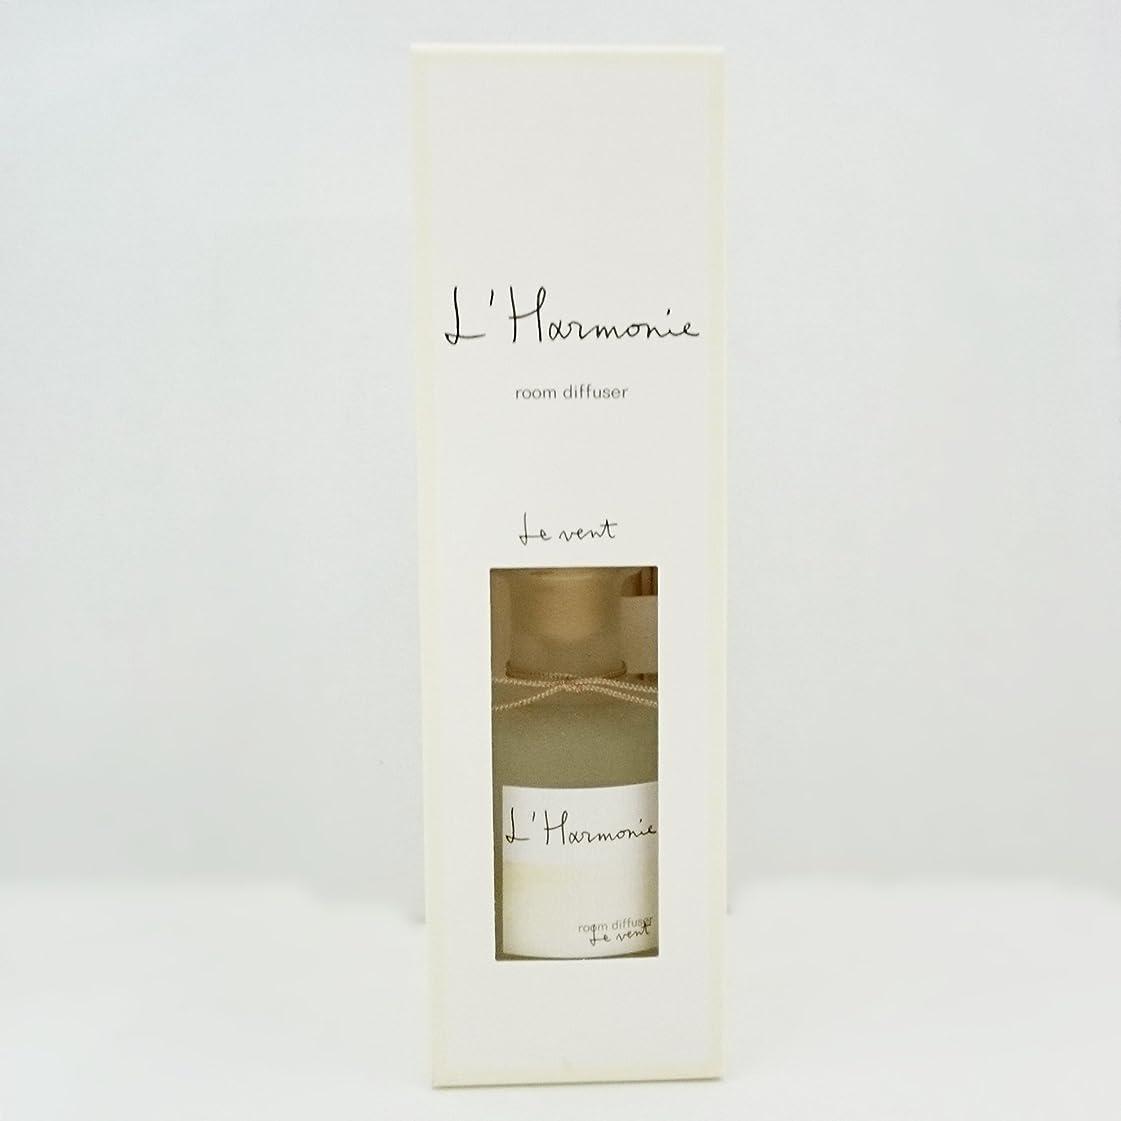 なぞらえる軽蔑する出発Lothantique(ロタンティック) L' Harmonie(アルモニ) ルームディフューザー 200ml 「Le vent(ヴァン)」 4994228024640